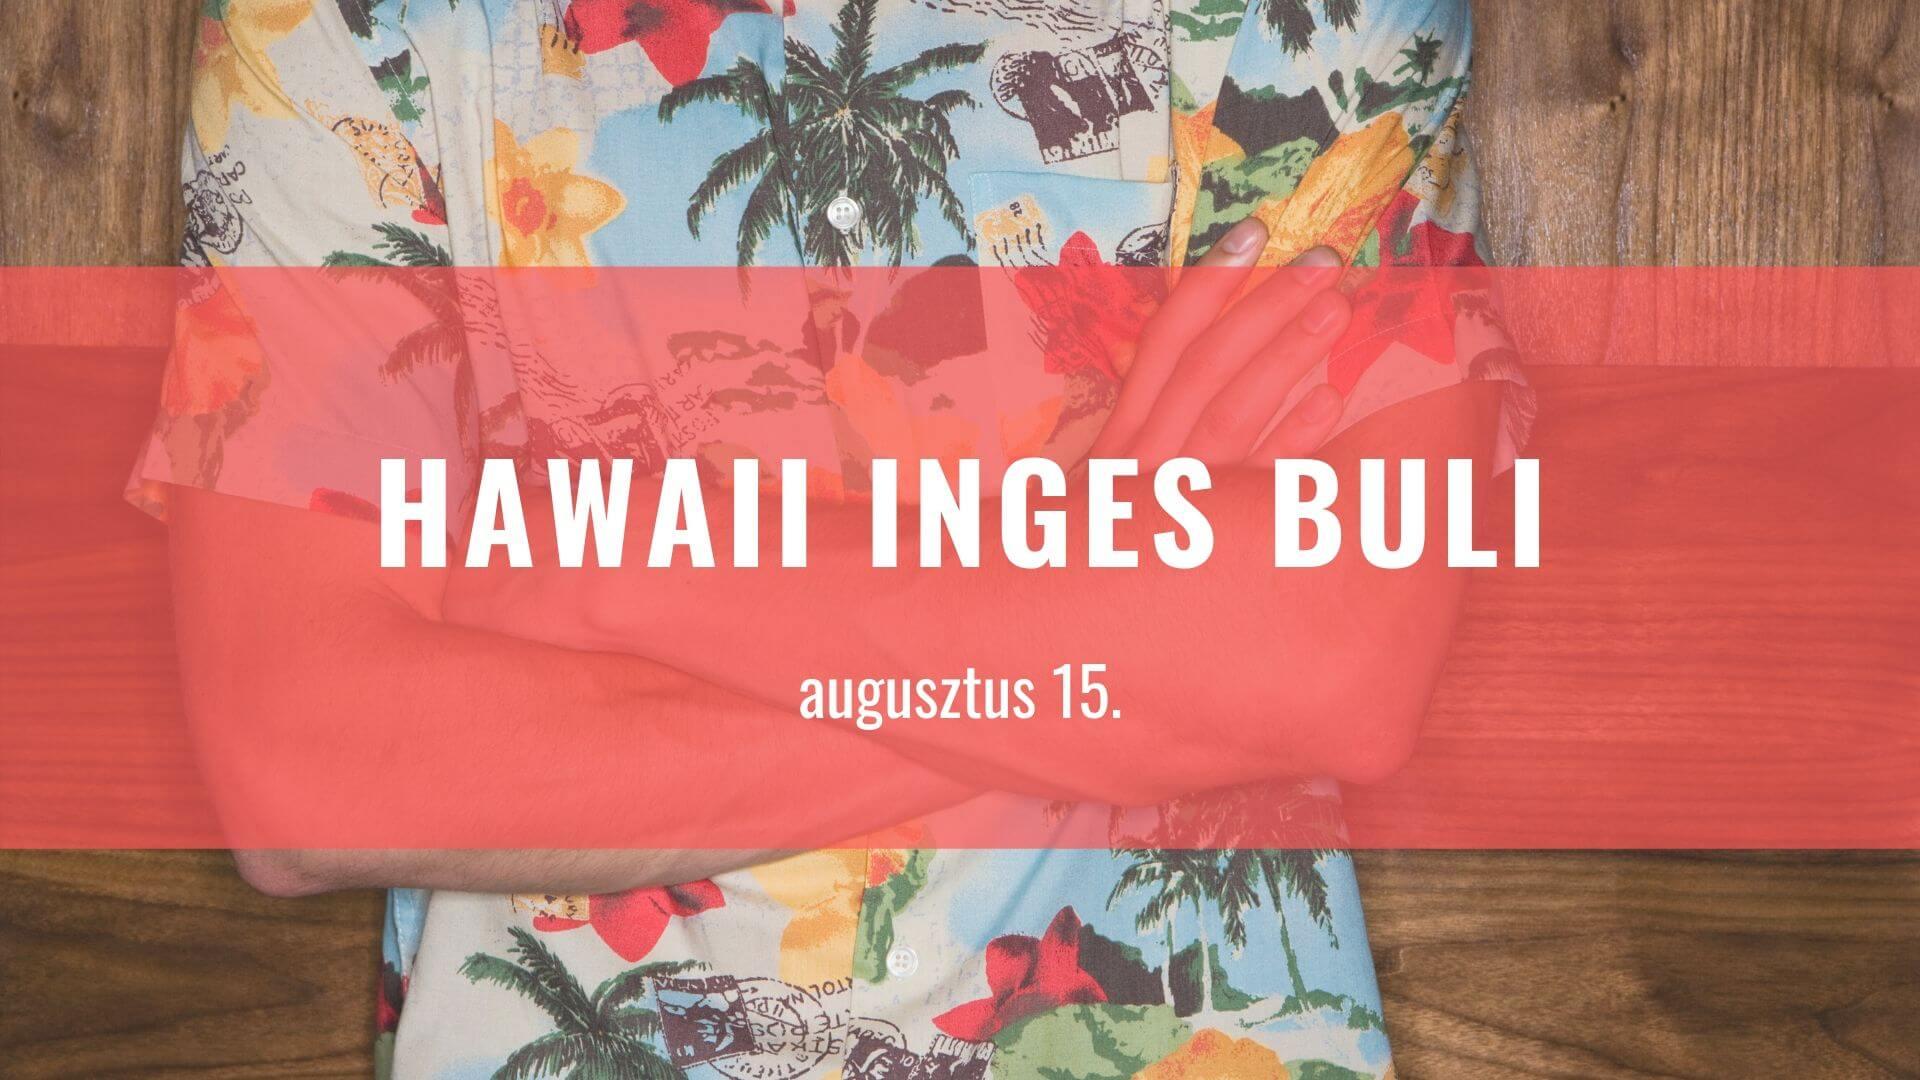 HAWAII INGES BULI